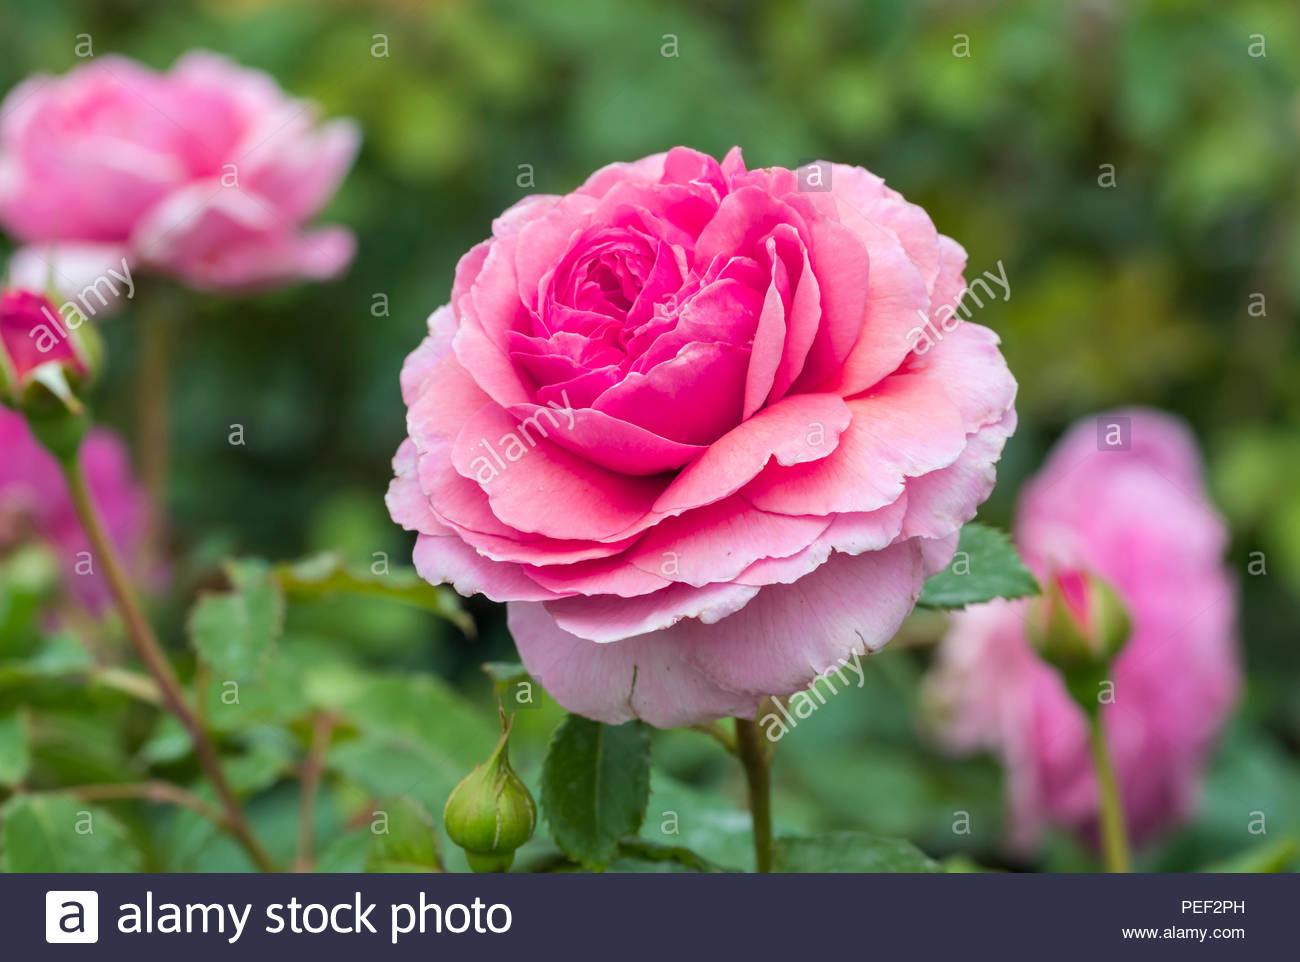 Rosa 'La Princesse Alexandra de Kent' (Ausmerchant), une rose parfumée rose Floraison Rose Anglaise en été dans le West Sussex, Angleterre, Royaume-Uni. Photo Stock